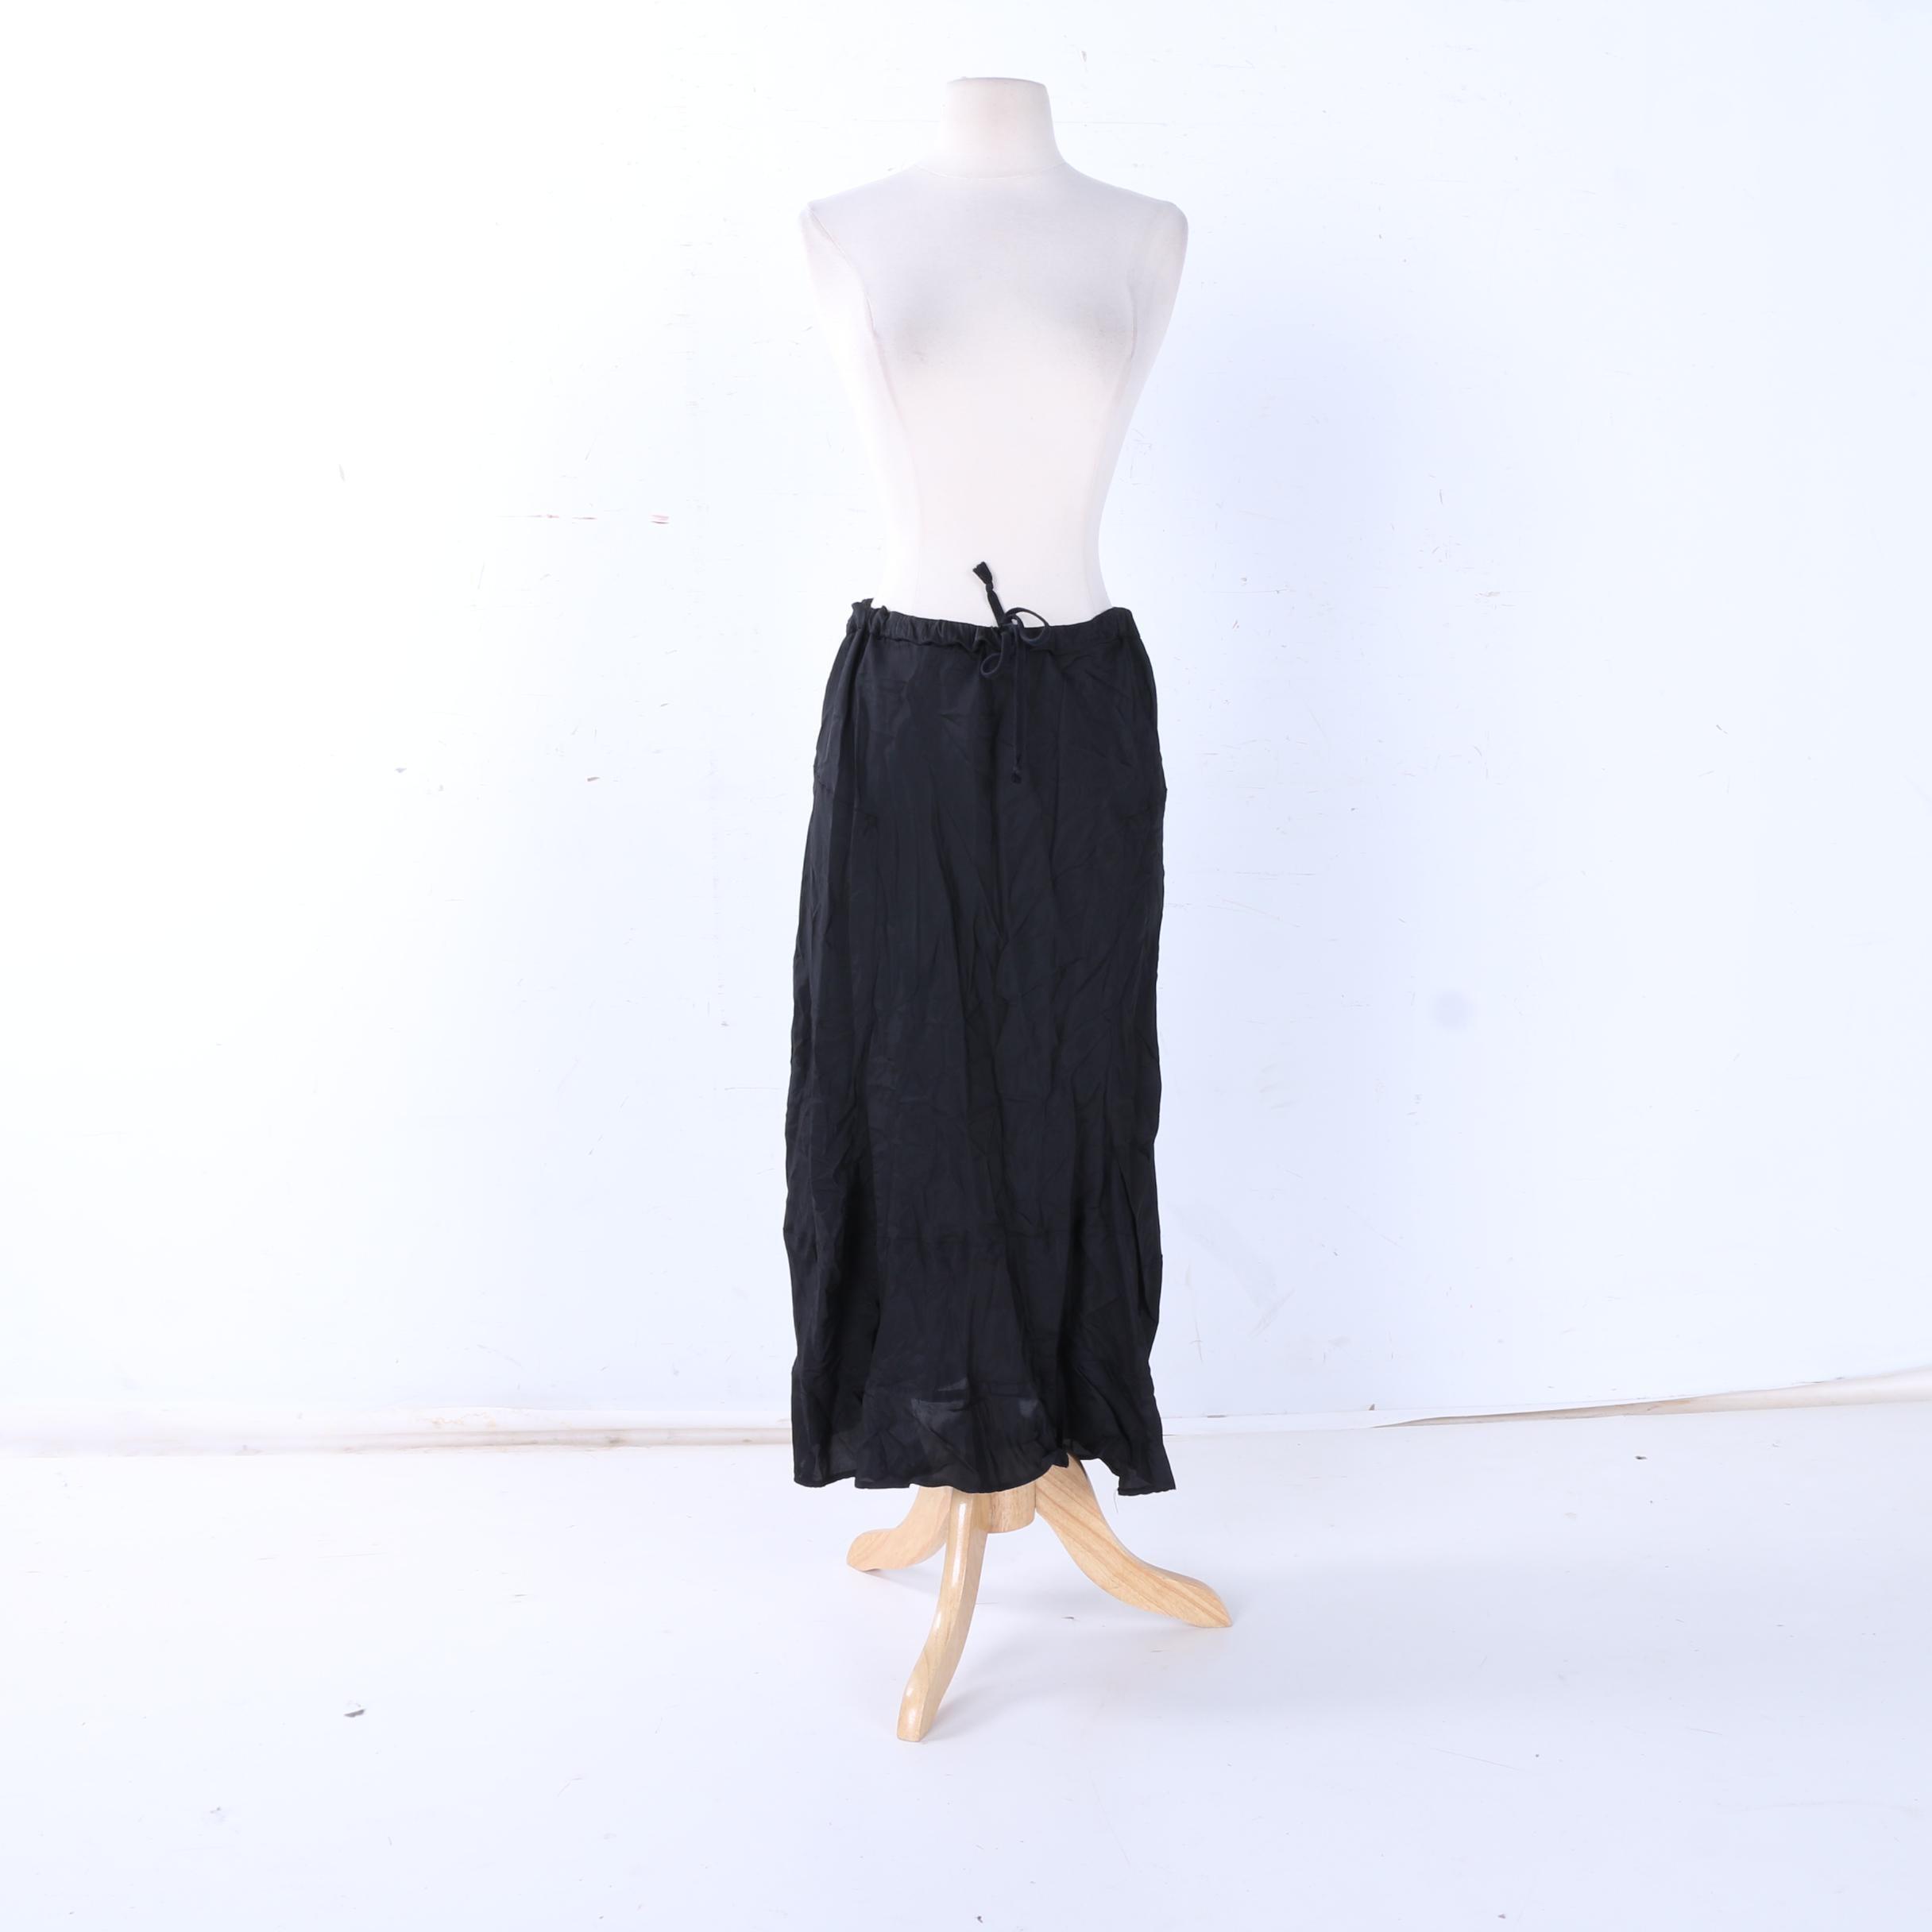 Black Loose Tie Comme des Garçons Skirt